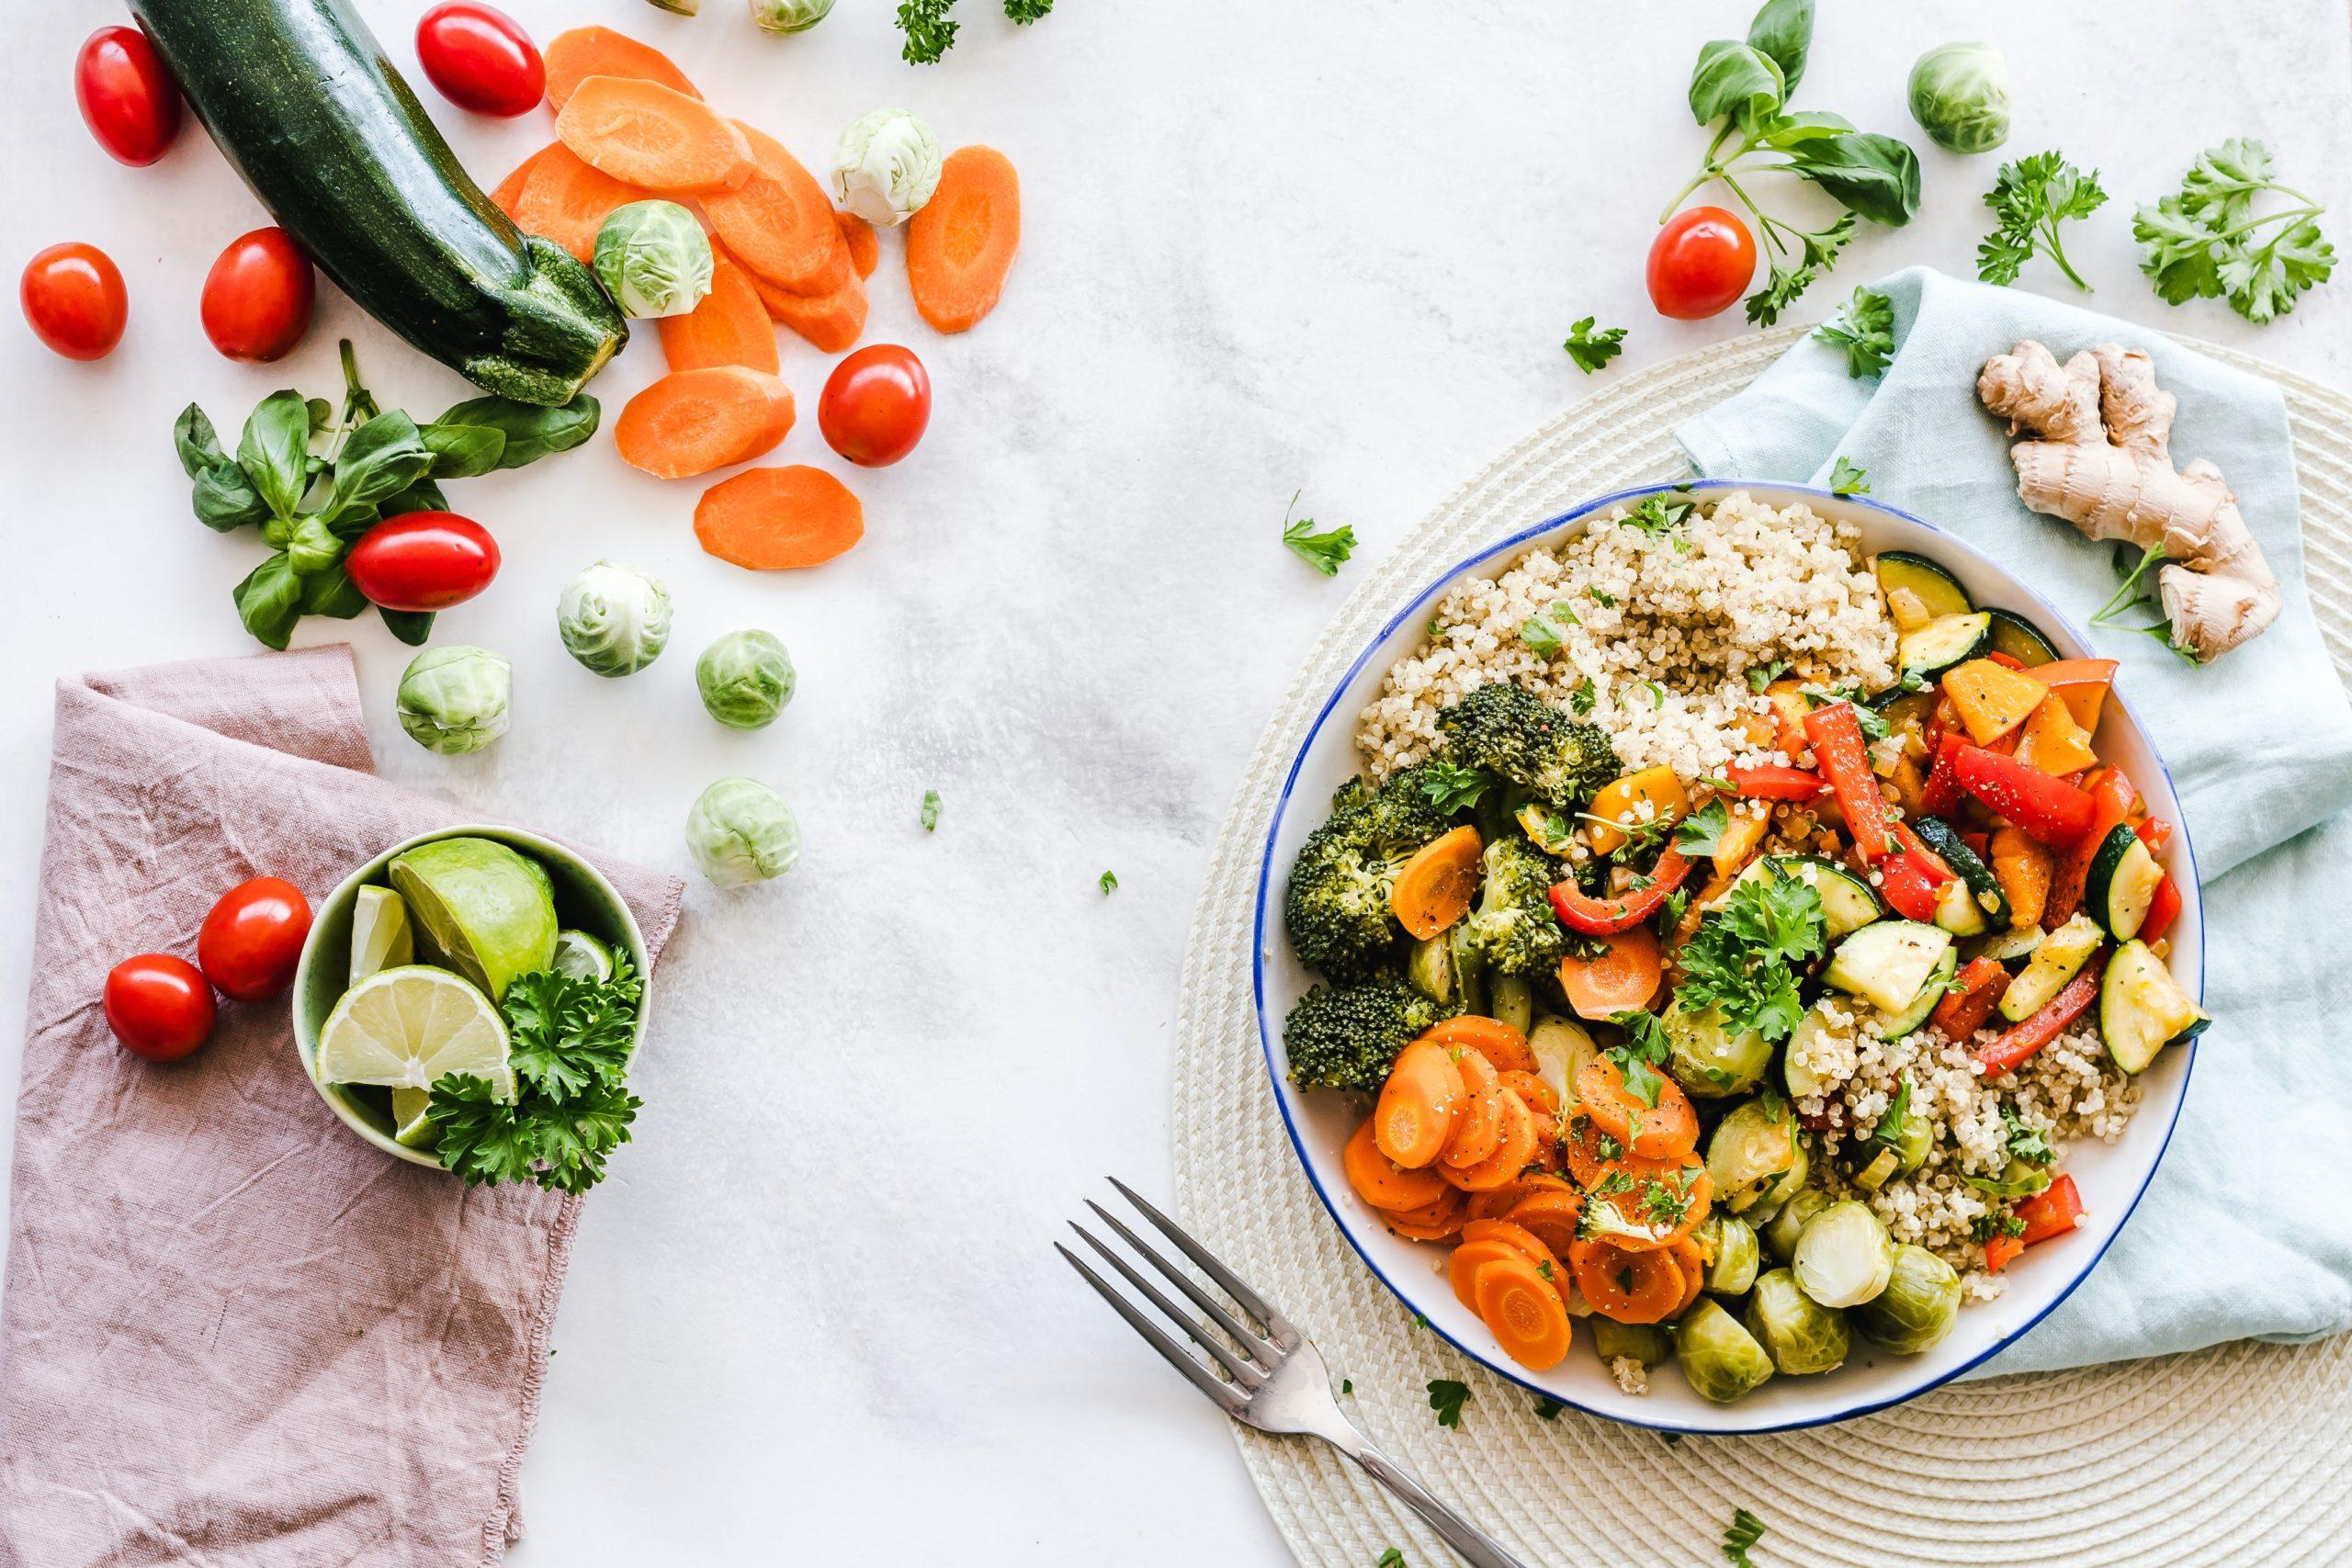 veganské jídlo bohaté na bílkoviny